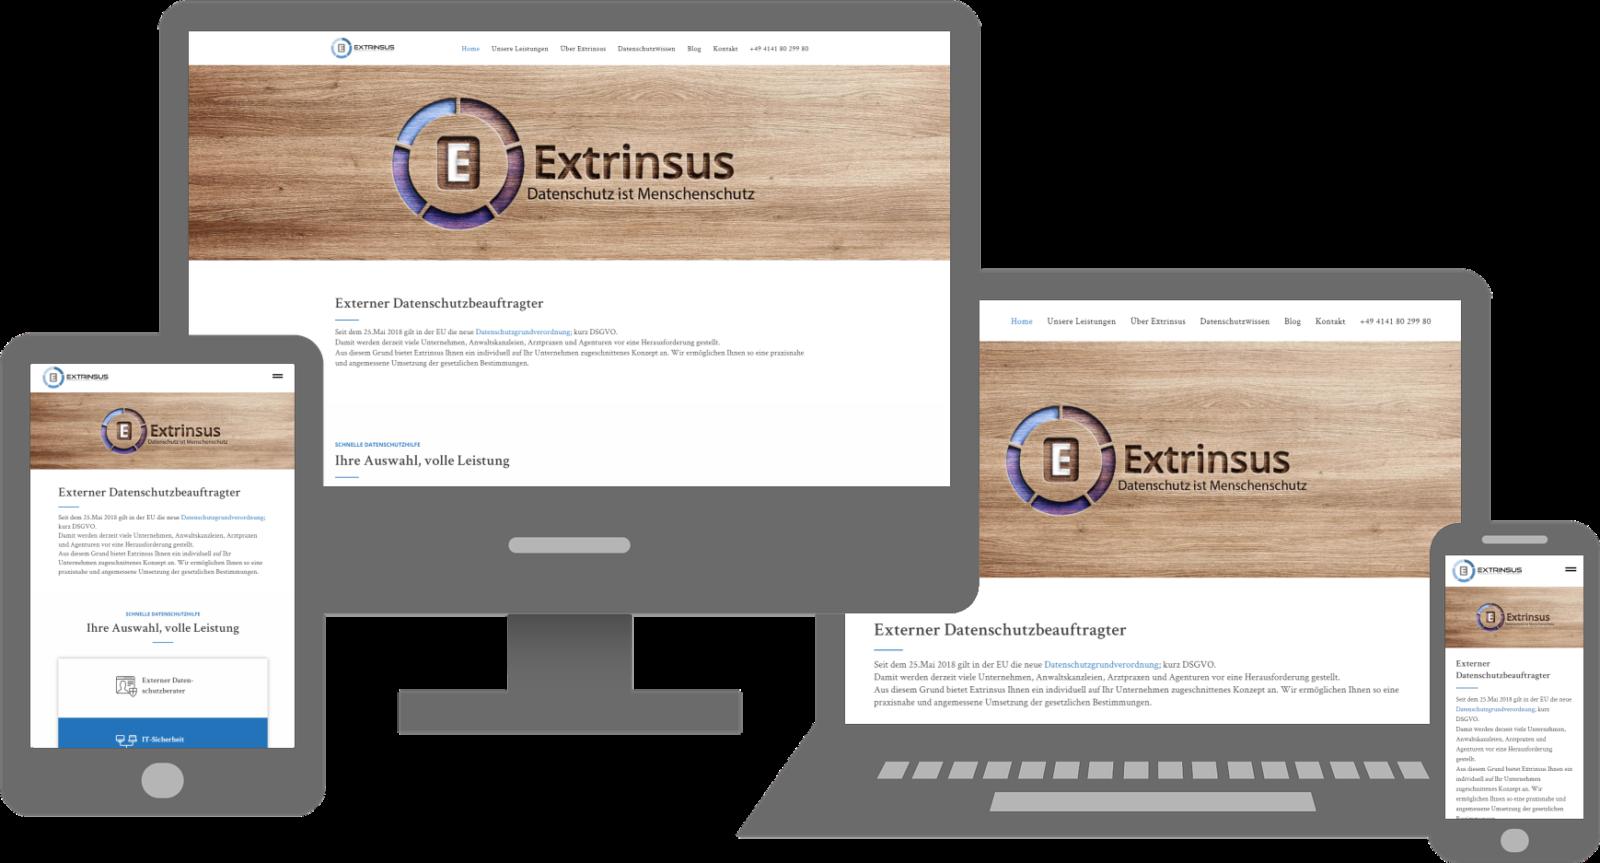 Extrinsus 1